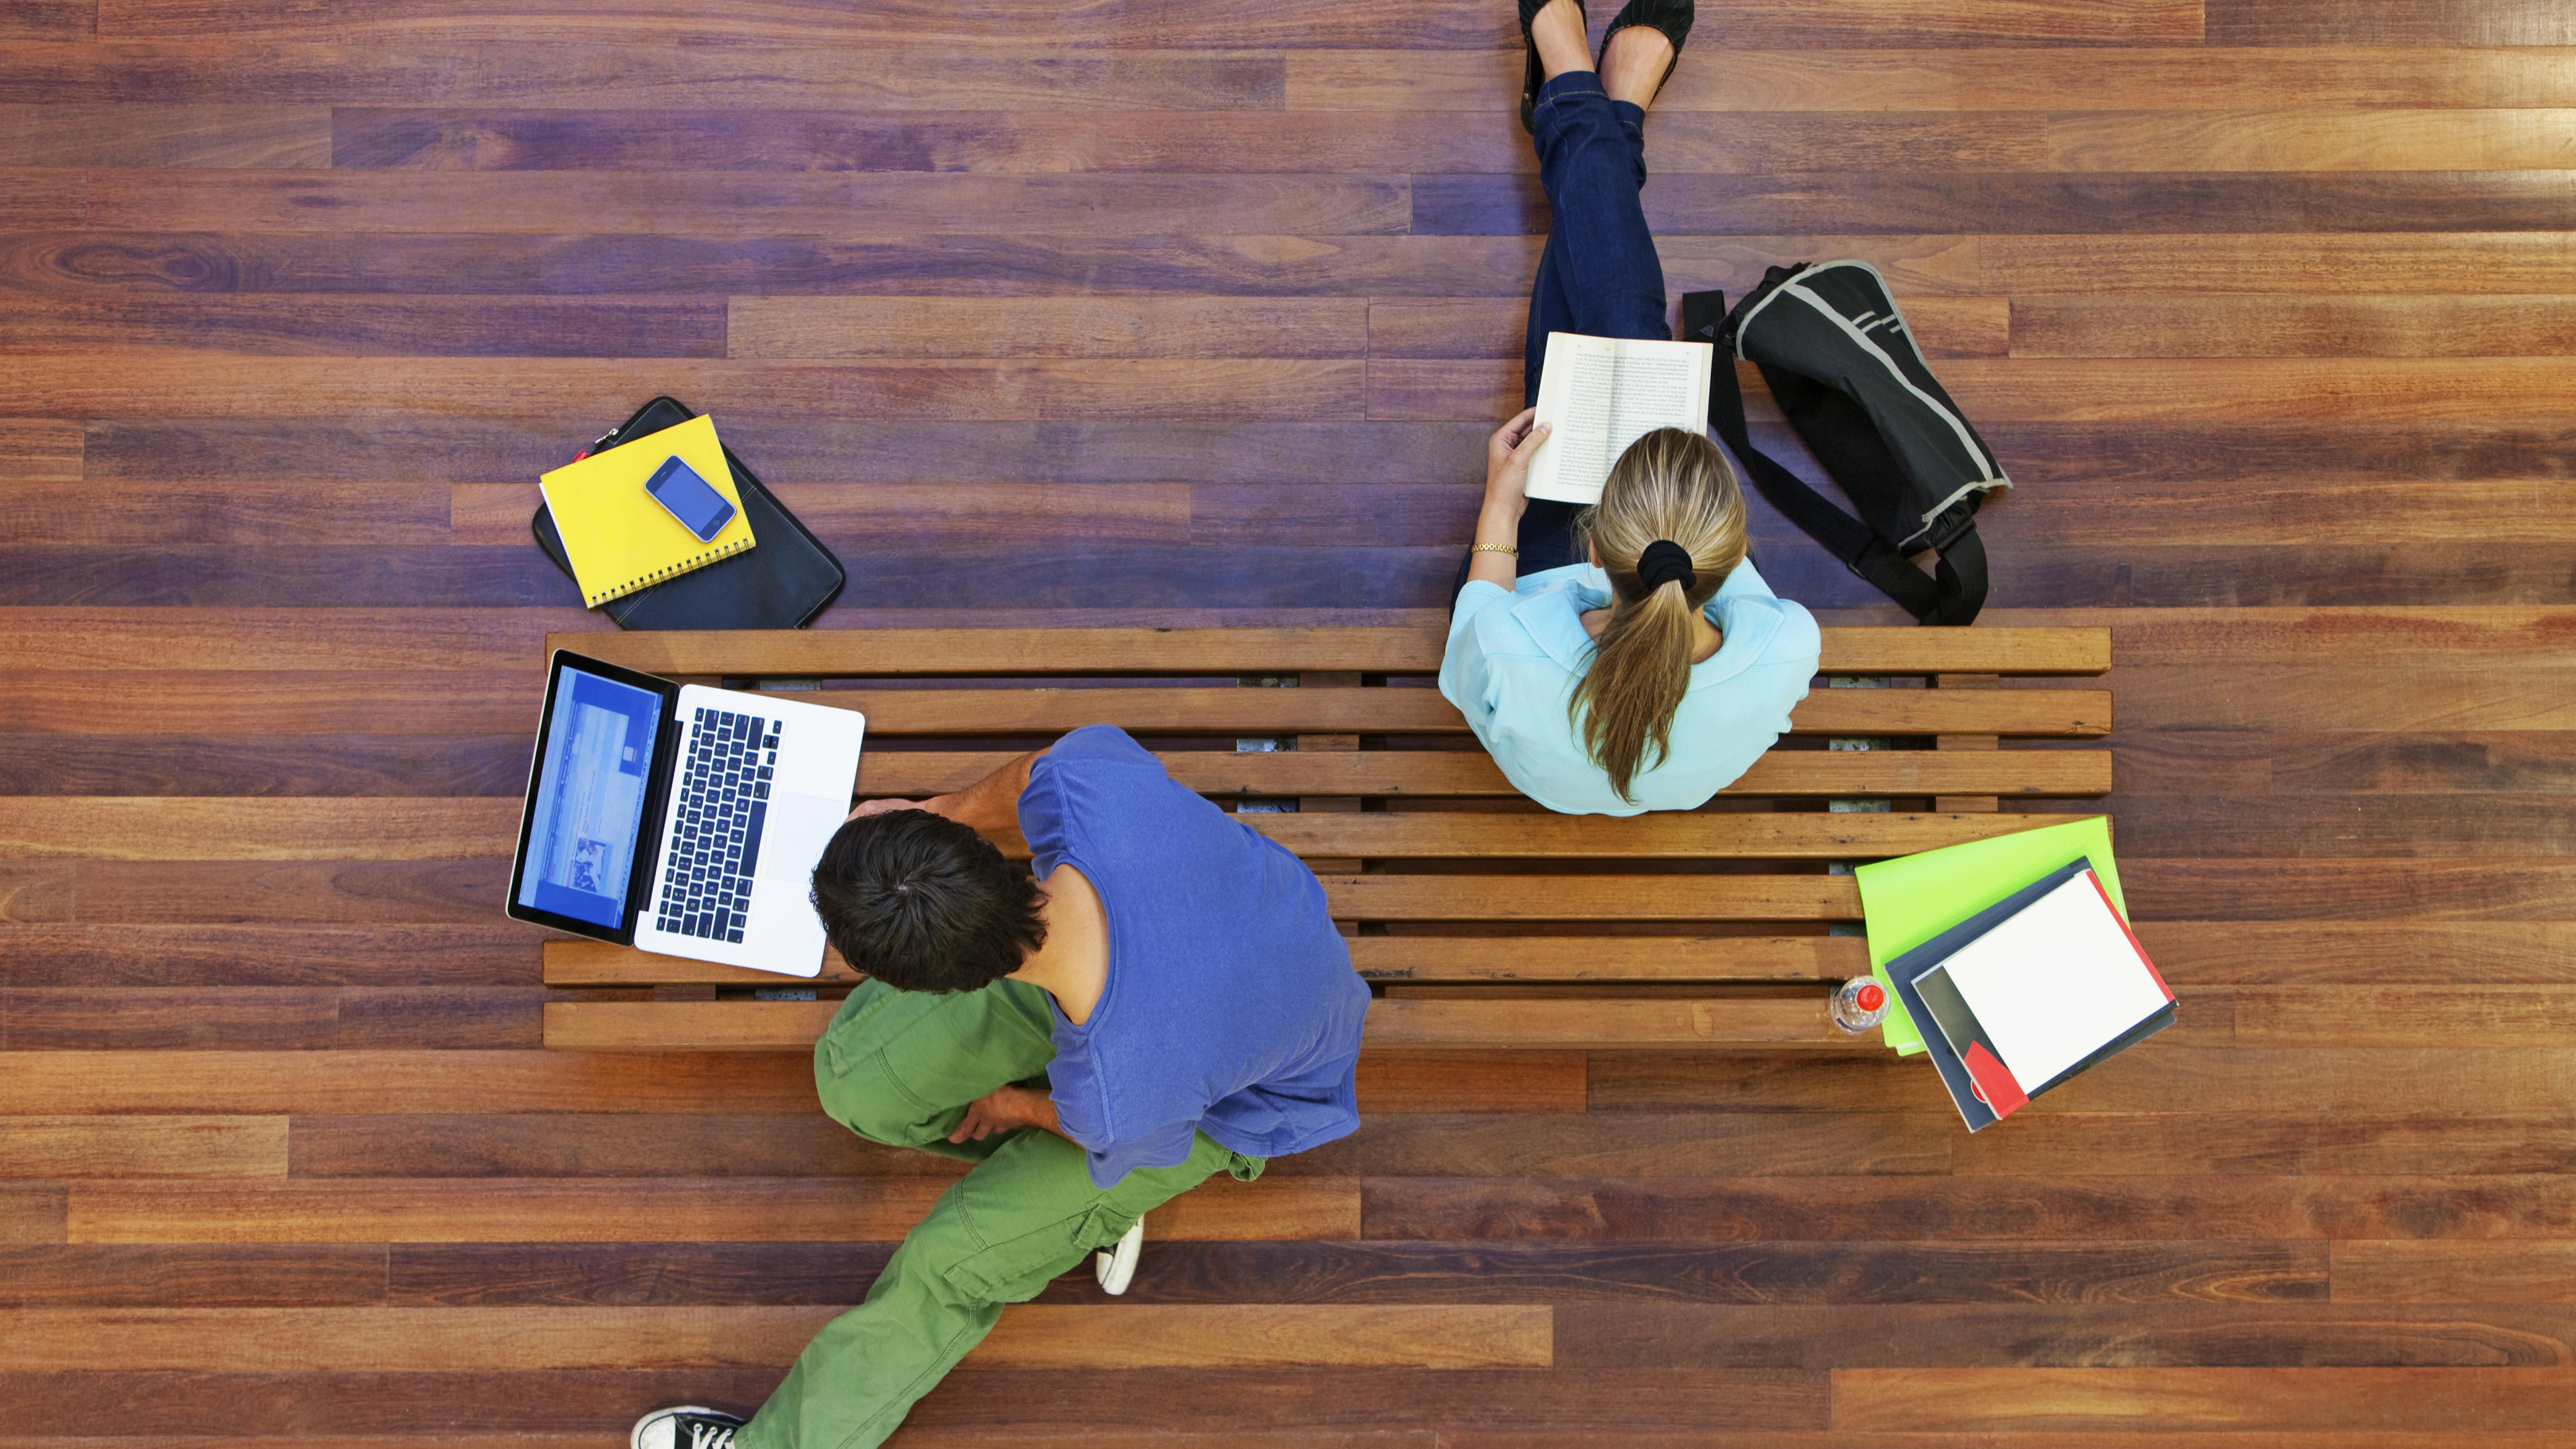 Какой компьютер лучше купить для учебы Mac или ПК?